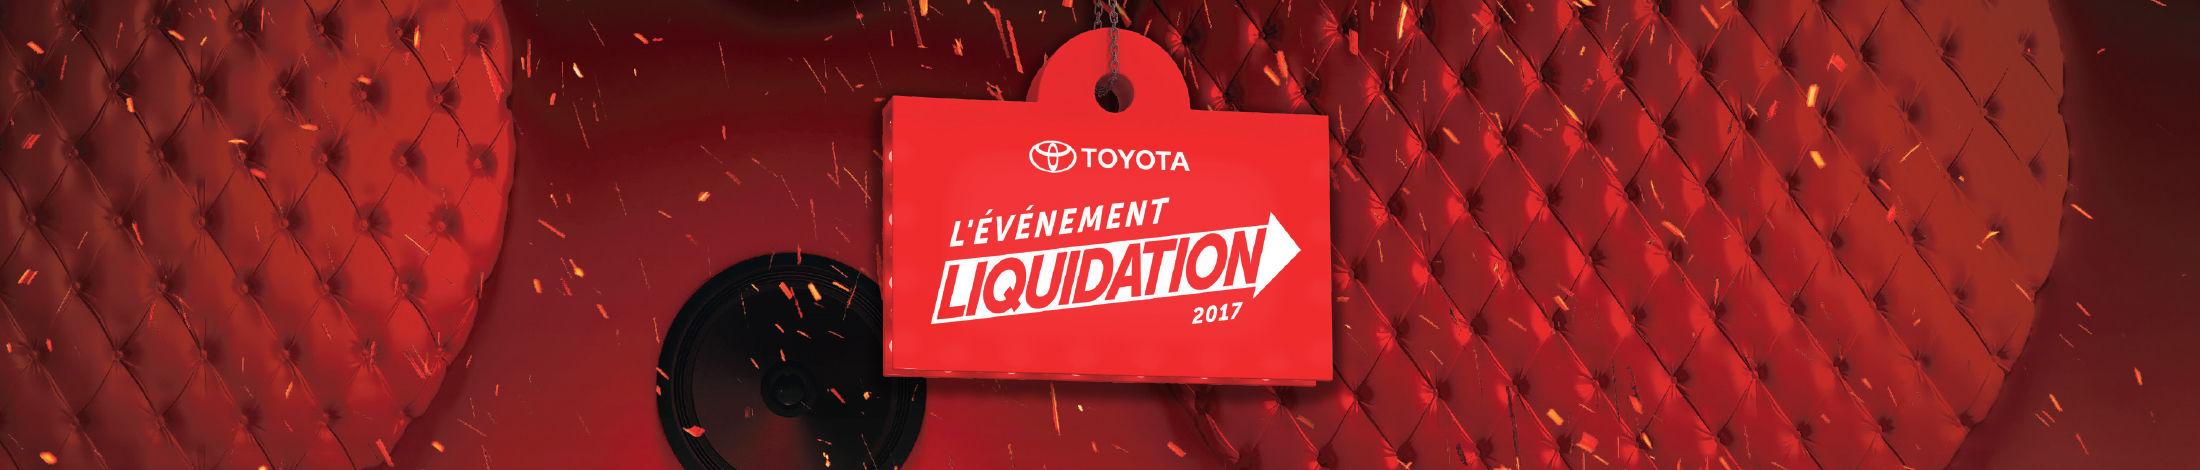 L'événement liquidation 2017